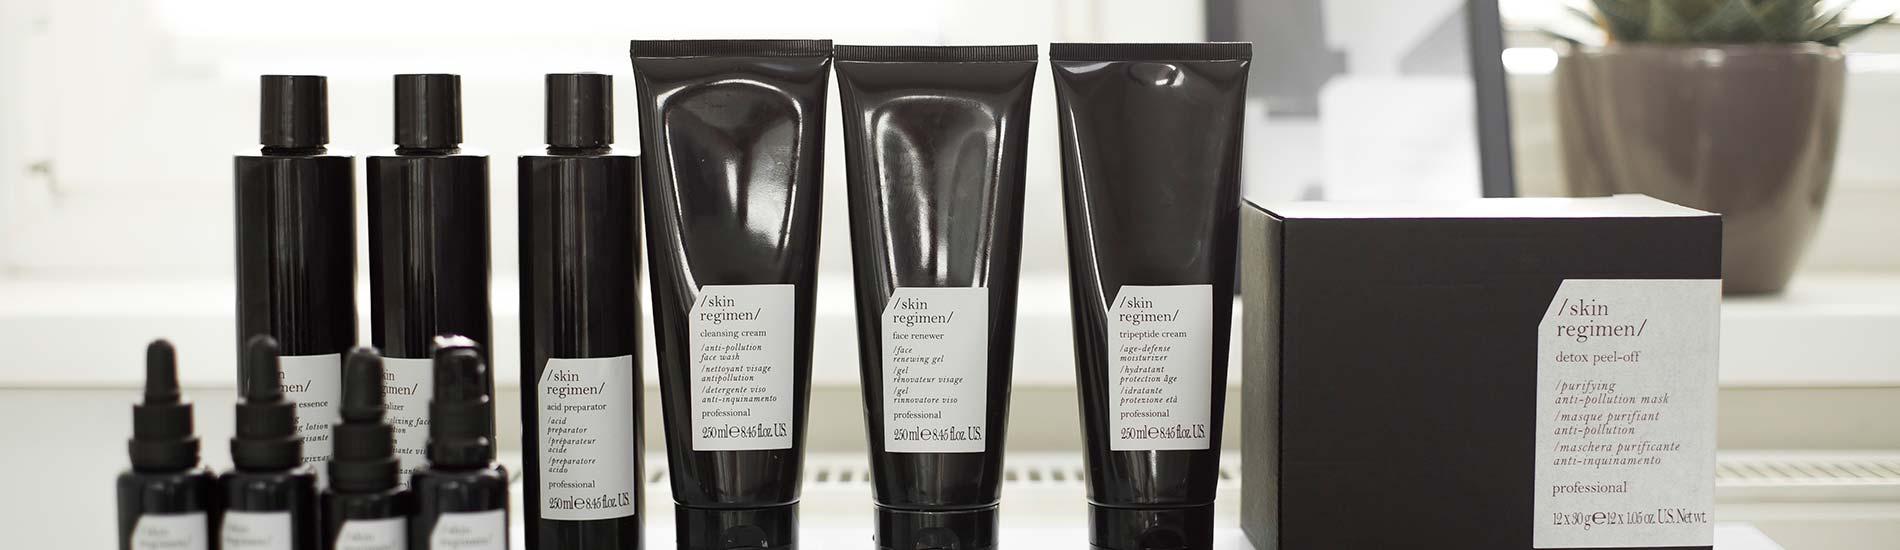 skin regimen Gesichtsbehandlungen PROSPA Kosmetik Imst Kosmetikstudio Oberland Delia Gstrein